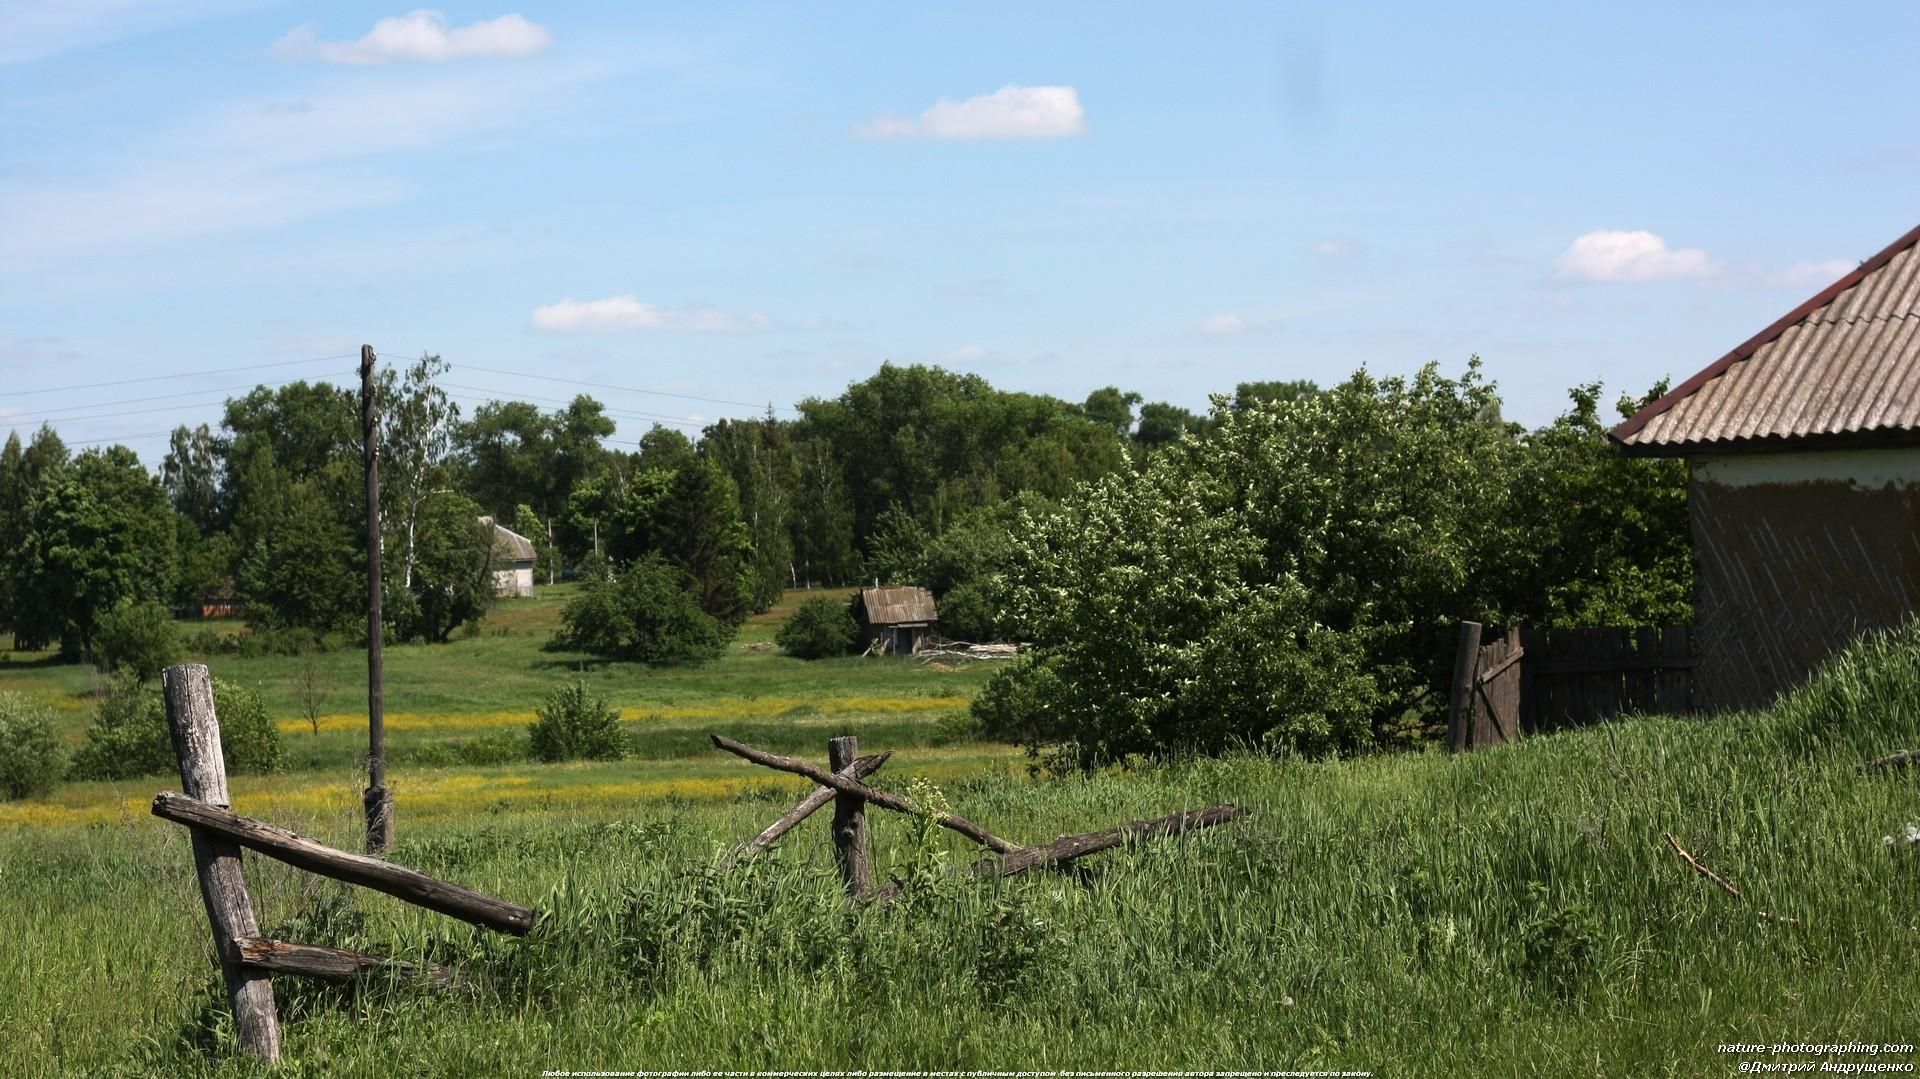 Картинки для рабочего стола природа деревенский пейзаж